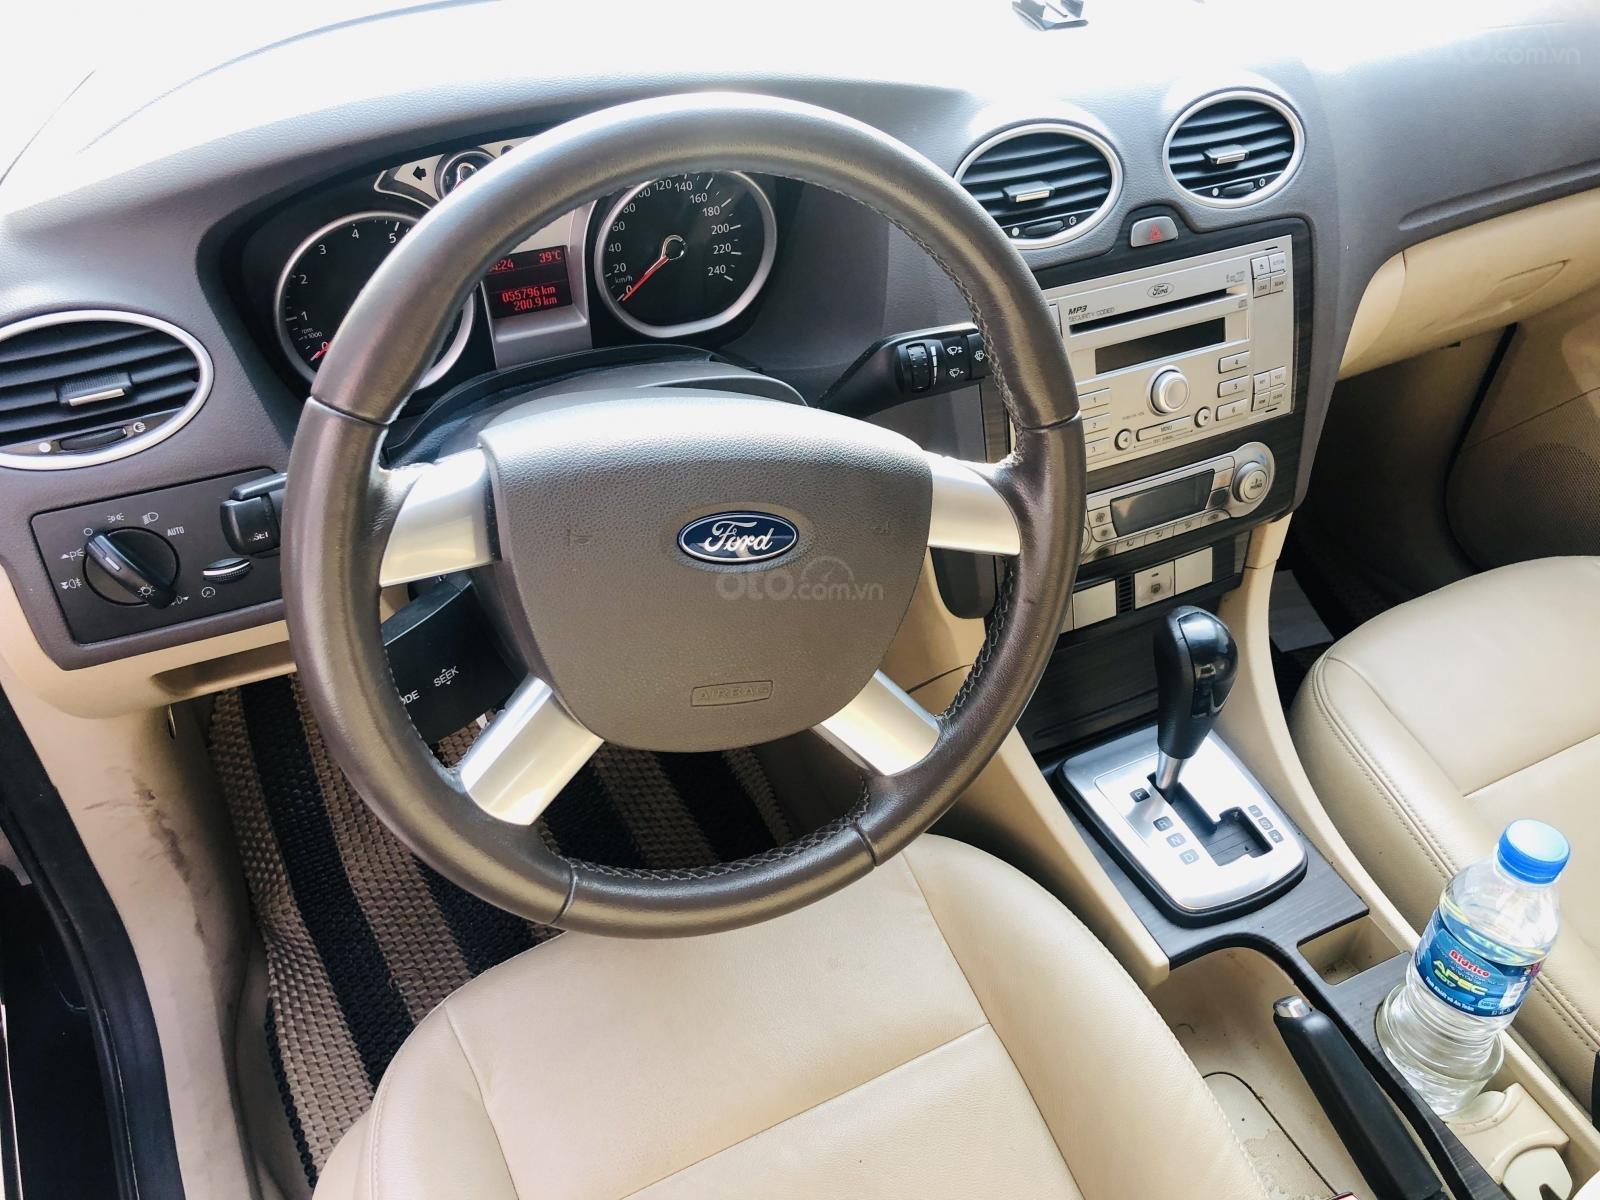 Cần bán lại xe Ford Focus sản xuất 2010 mới 95% giá tốt 340 triệu đồng (5)